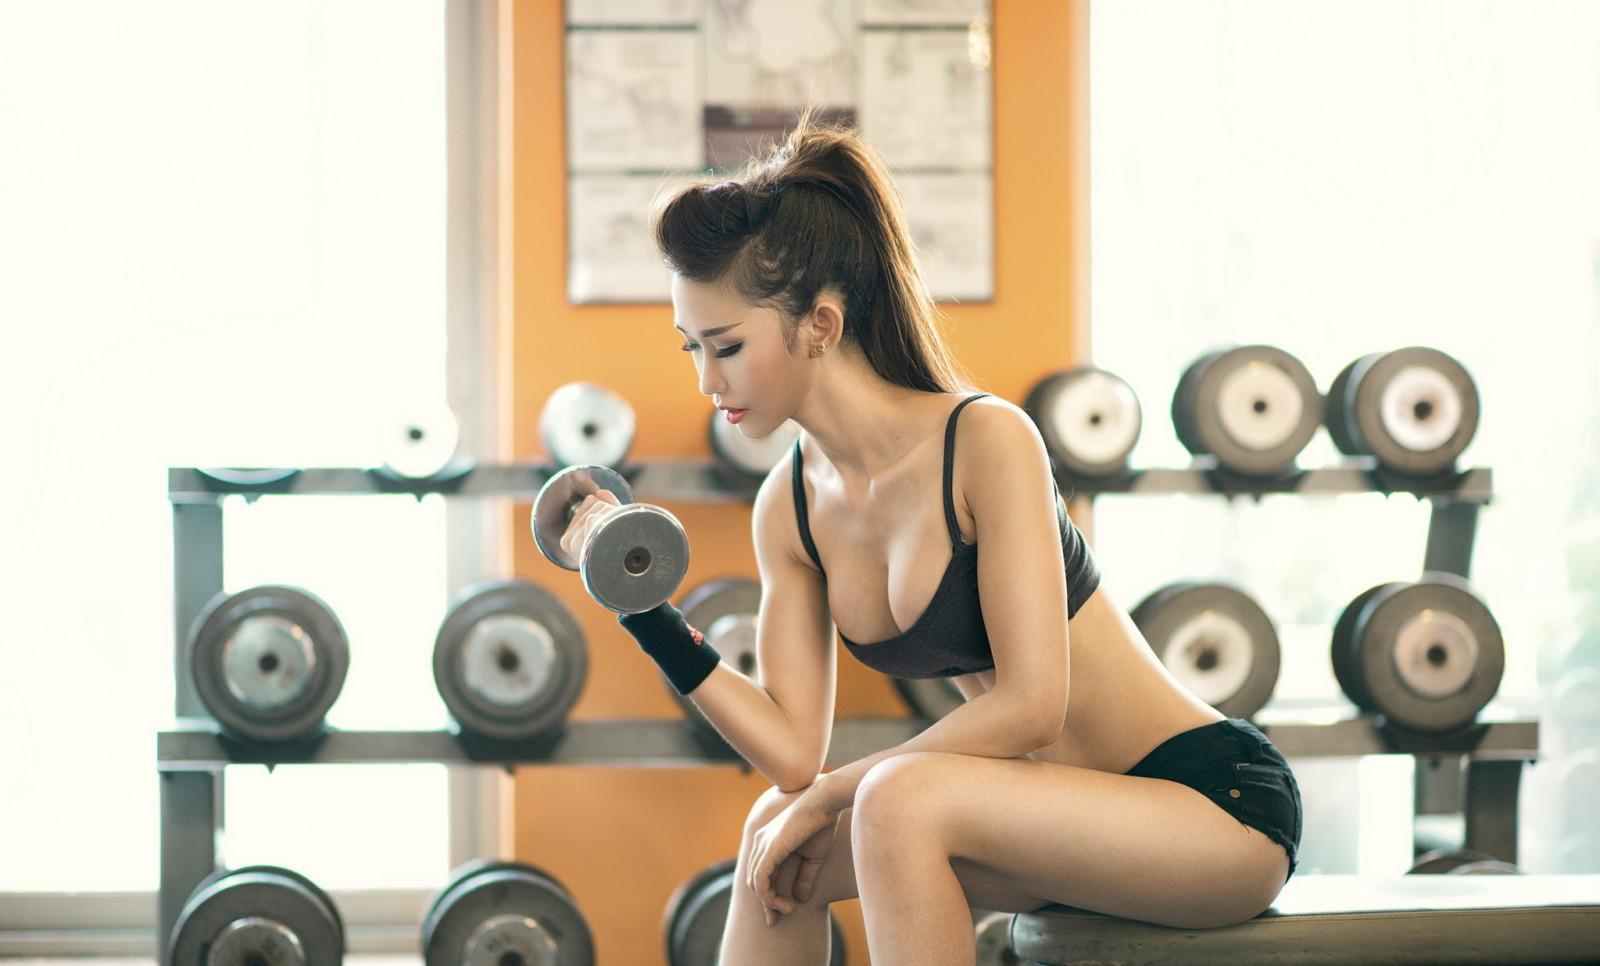 Tapet sport, kvinder, brunette, værelse, asiatisk, siddende-9875